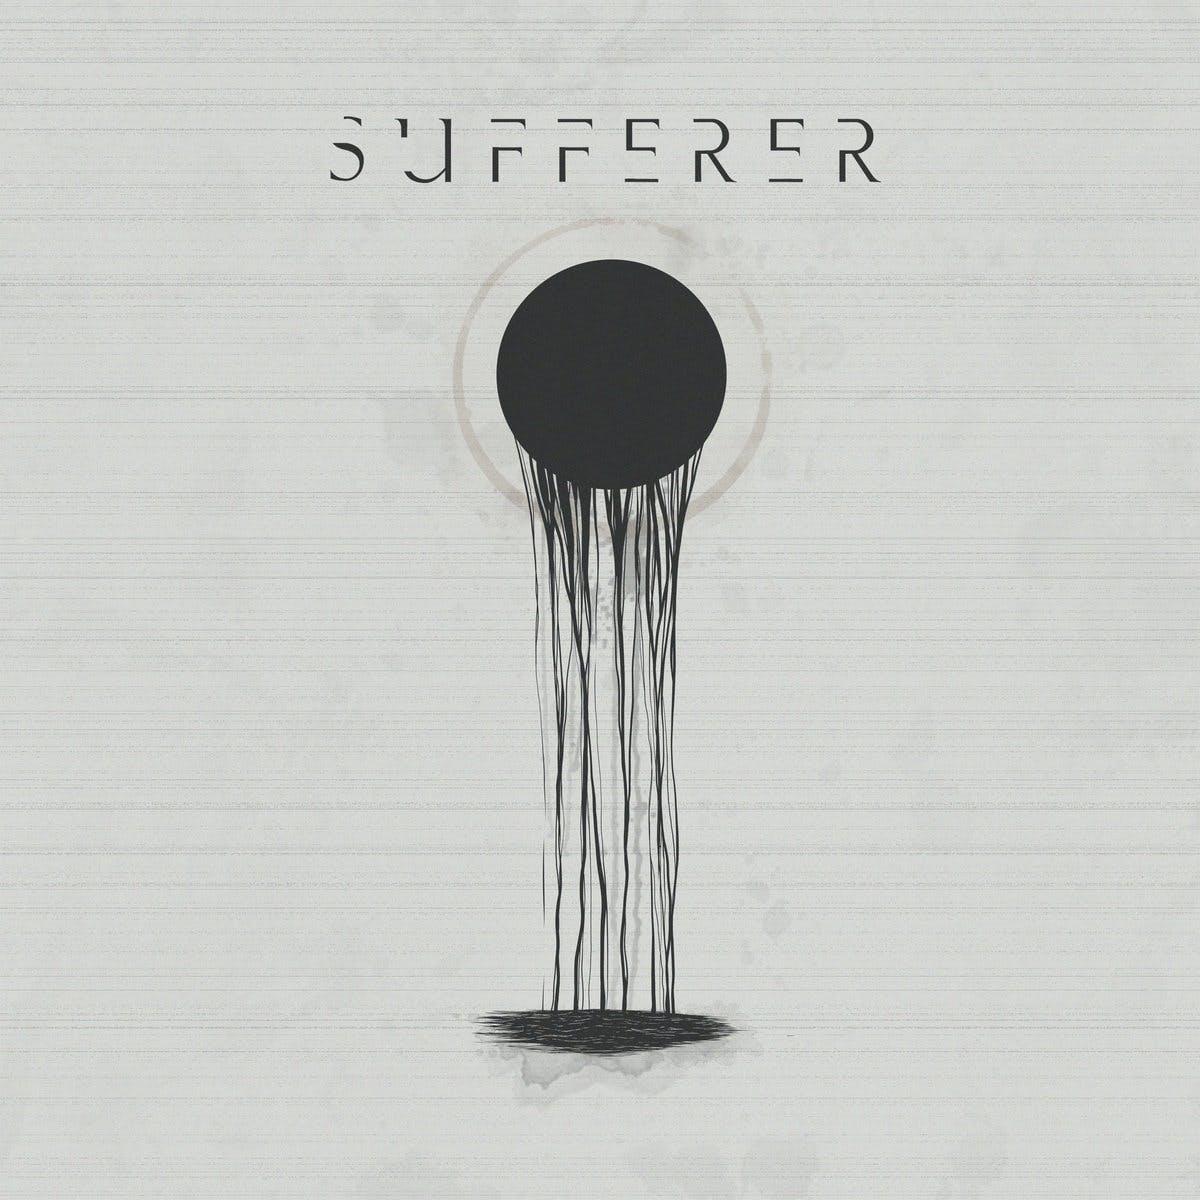 Suffere Album Cover